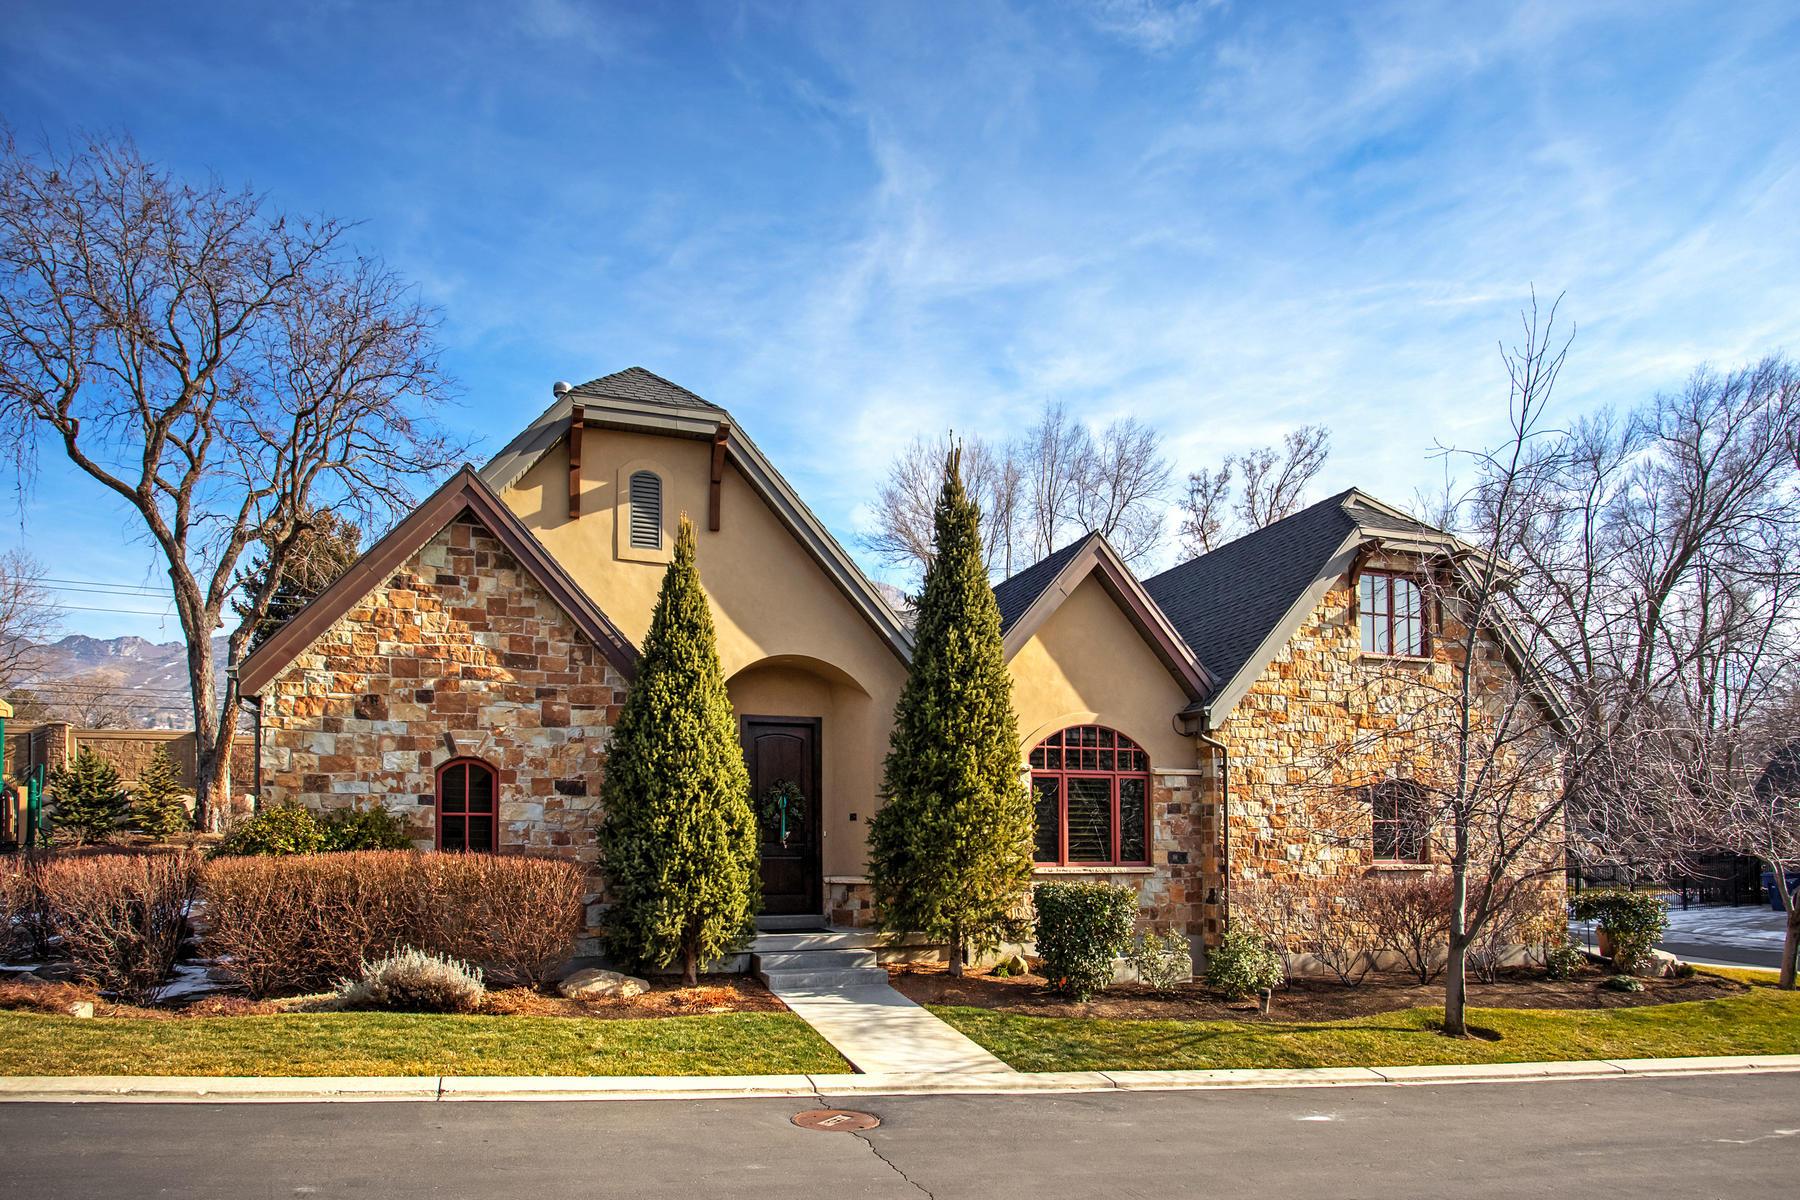 Частный односемейный дом для того Продажа на 5000 Sq Foot Beauty in Holladay 4949 S Holladay Pines Ct, Holladay, Юта, 84117 Соединенные Штаты